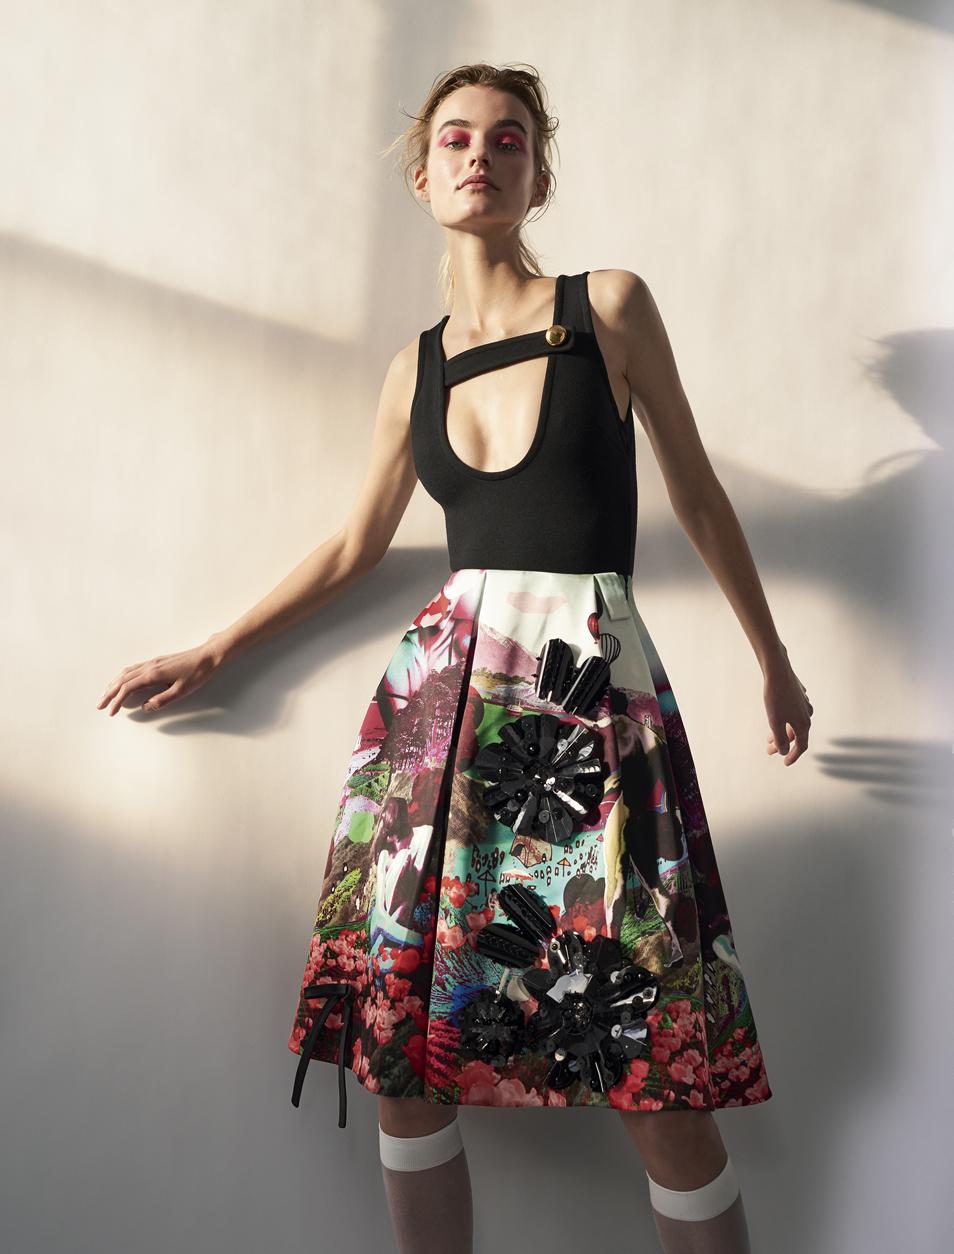 Maartje Verhoef - Harper's Bazaar Korea